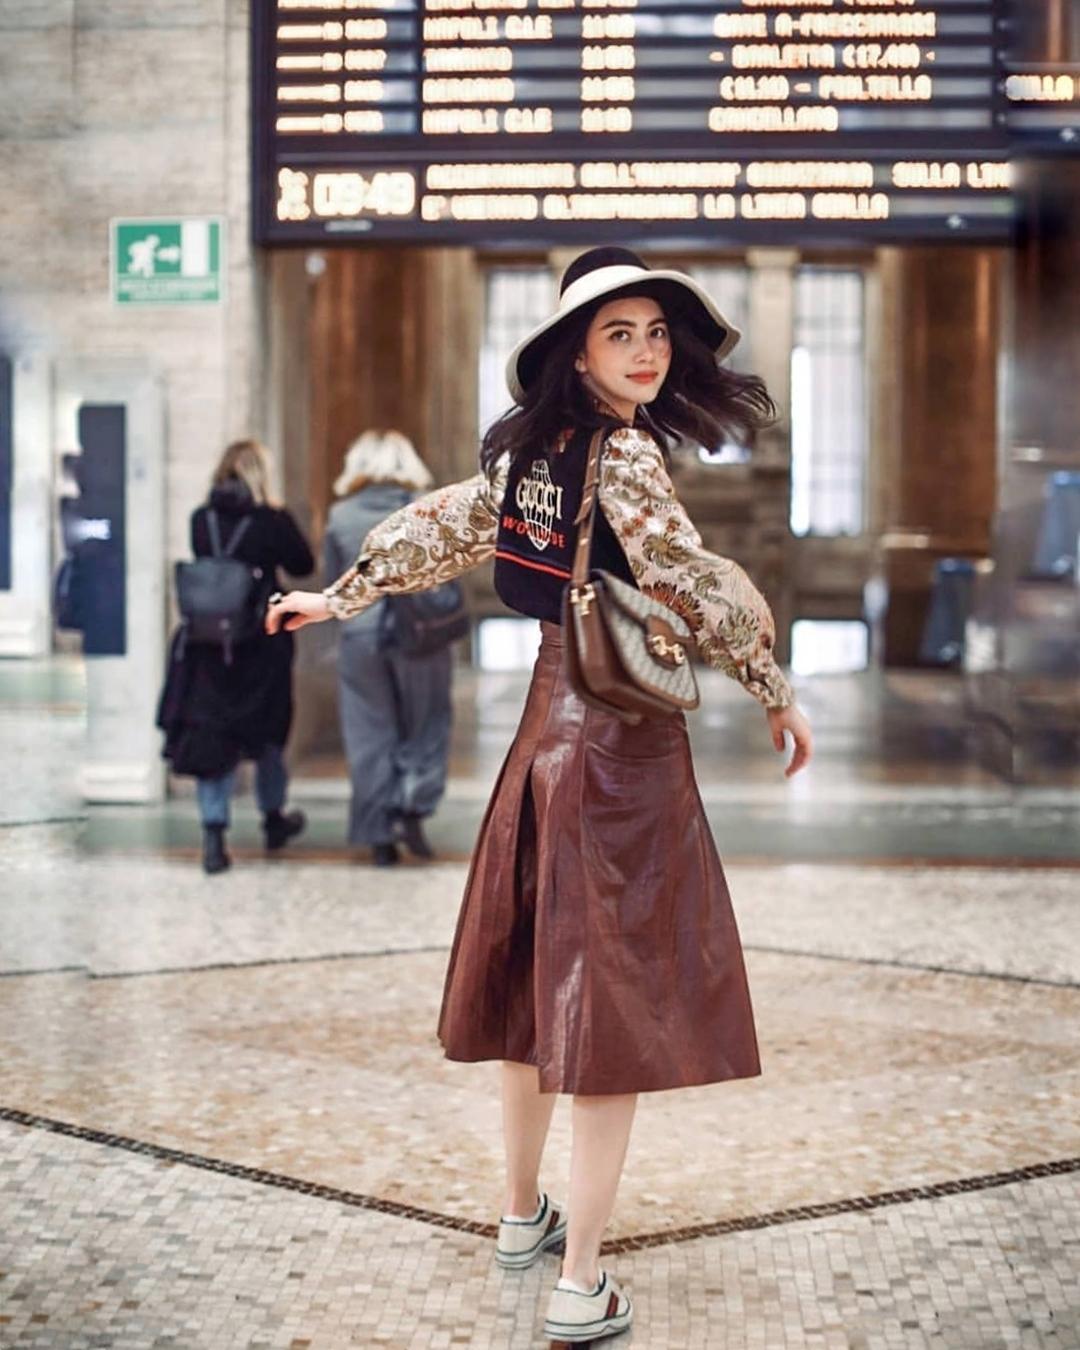 Trong thời gian công tác ở Italy vào tháng 2, Mai cùng quản lý dạo chơi thành phố Milan với set đồ Gucci. Cô đeo túi xách Horsebit có đường viền hài hòa với màu nâu của chân váy.